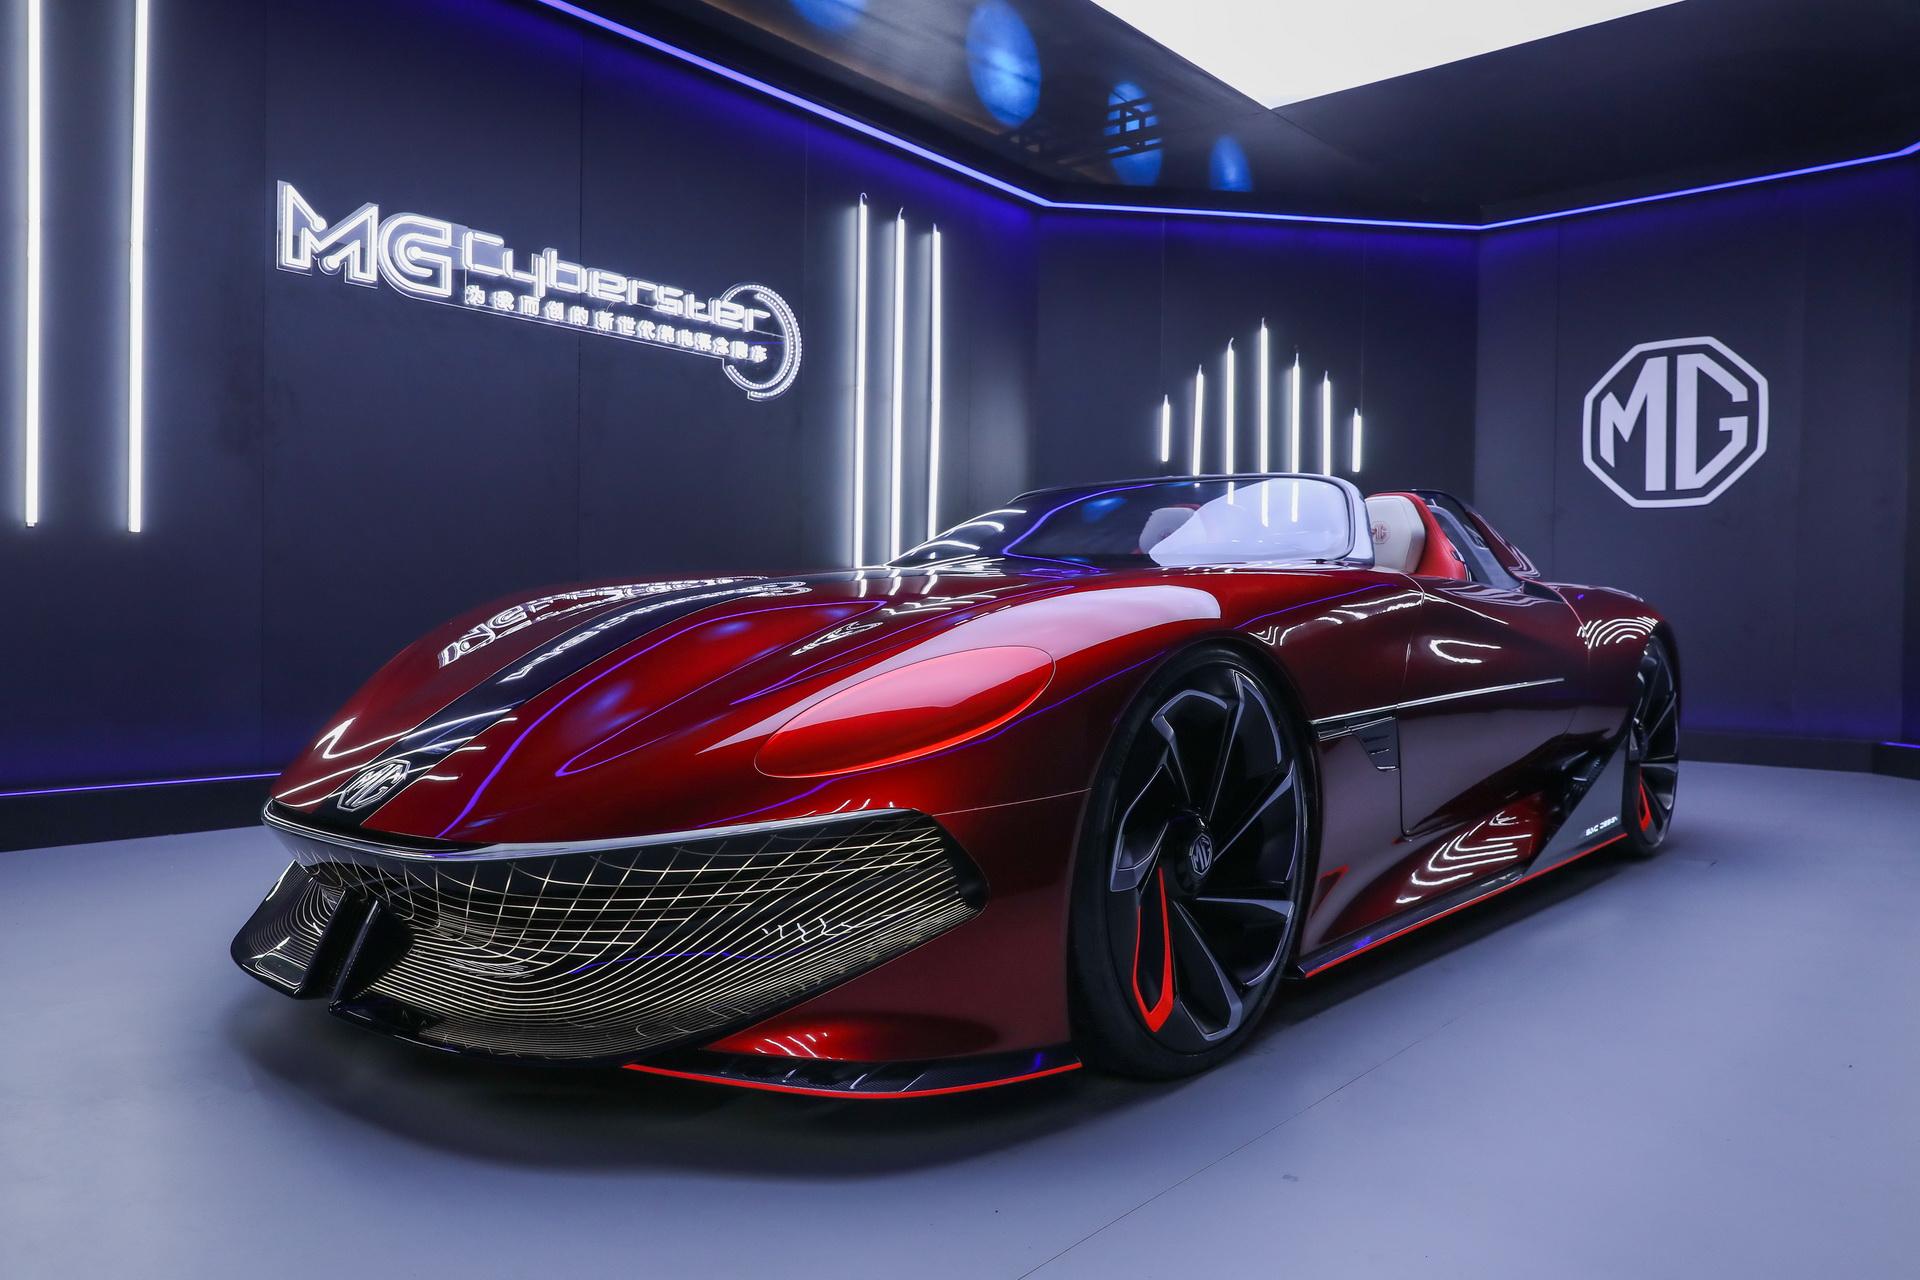 Preview Auto Shanghai 2021 AutoinfoOnline (18)